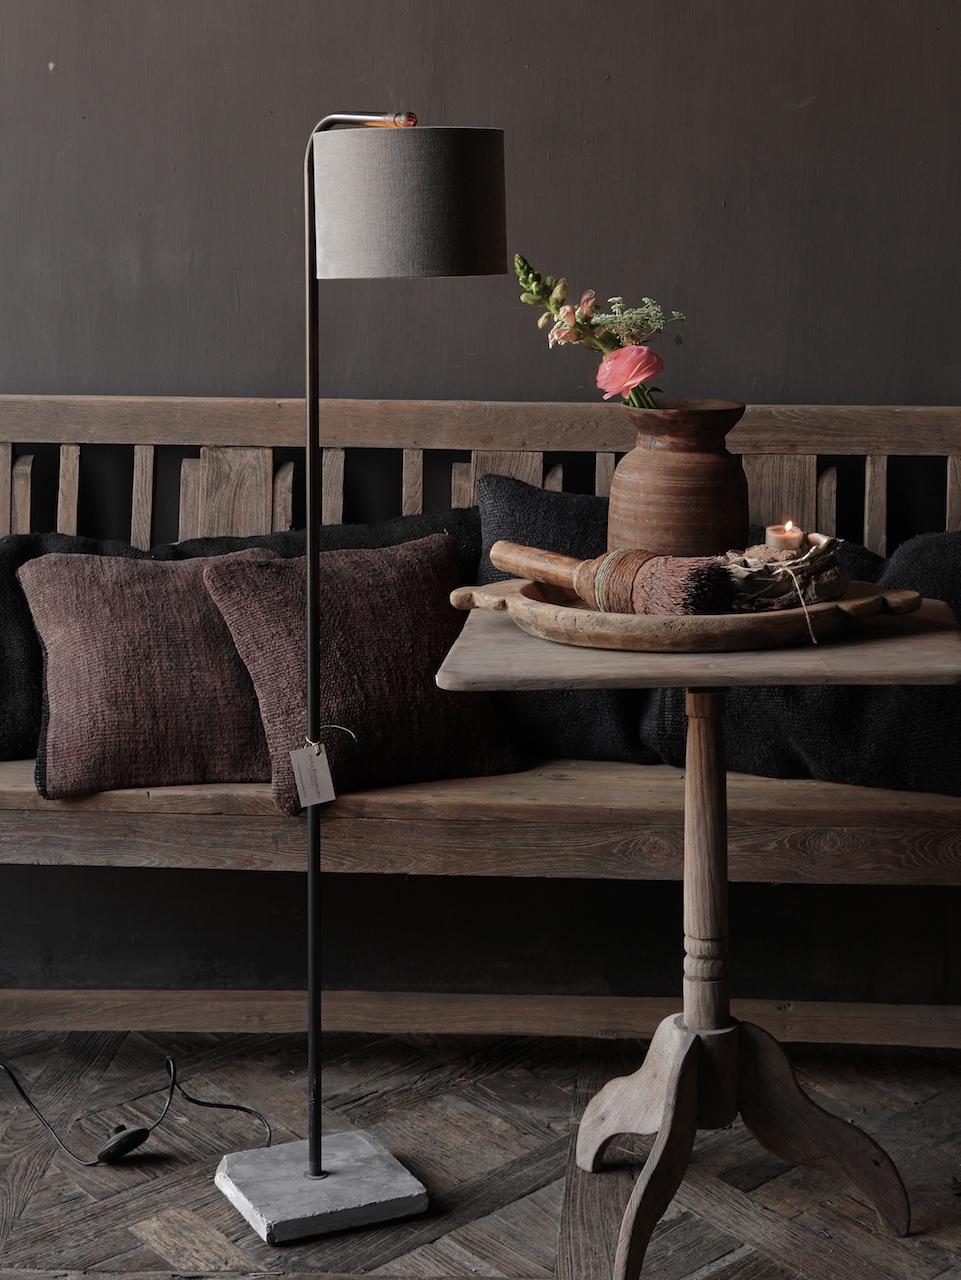 Eisen Stehlampe mit Bogen auf Natursteinsockel Aura Peeperkorn-1